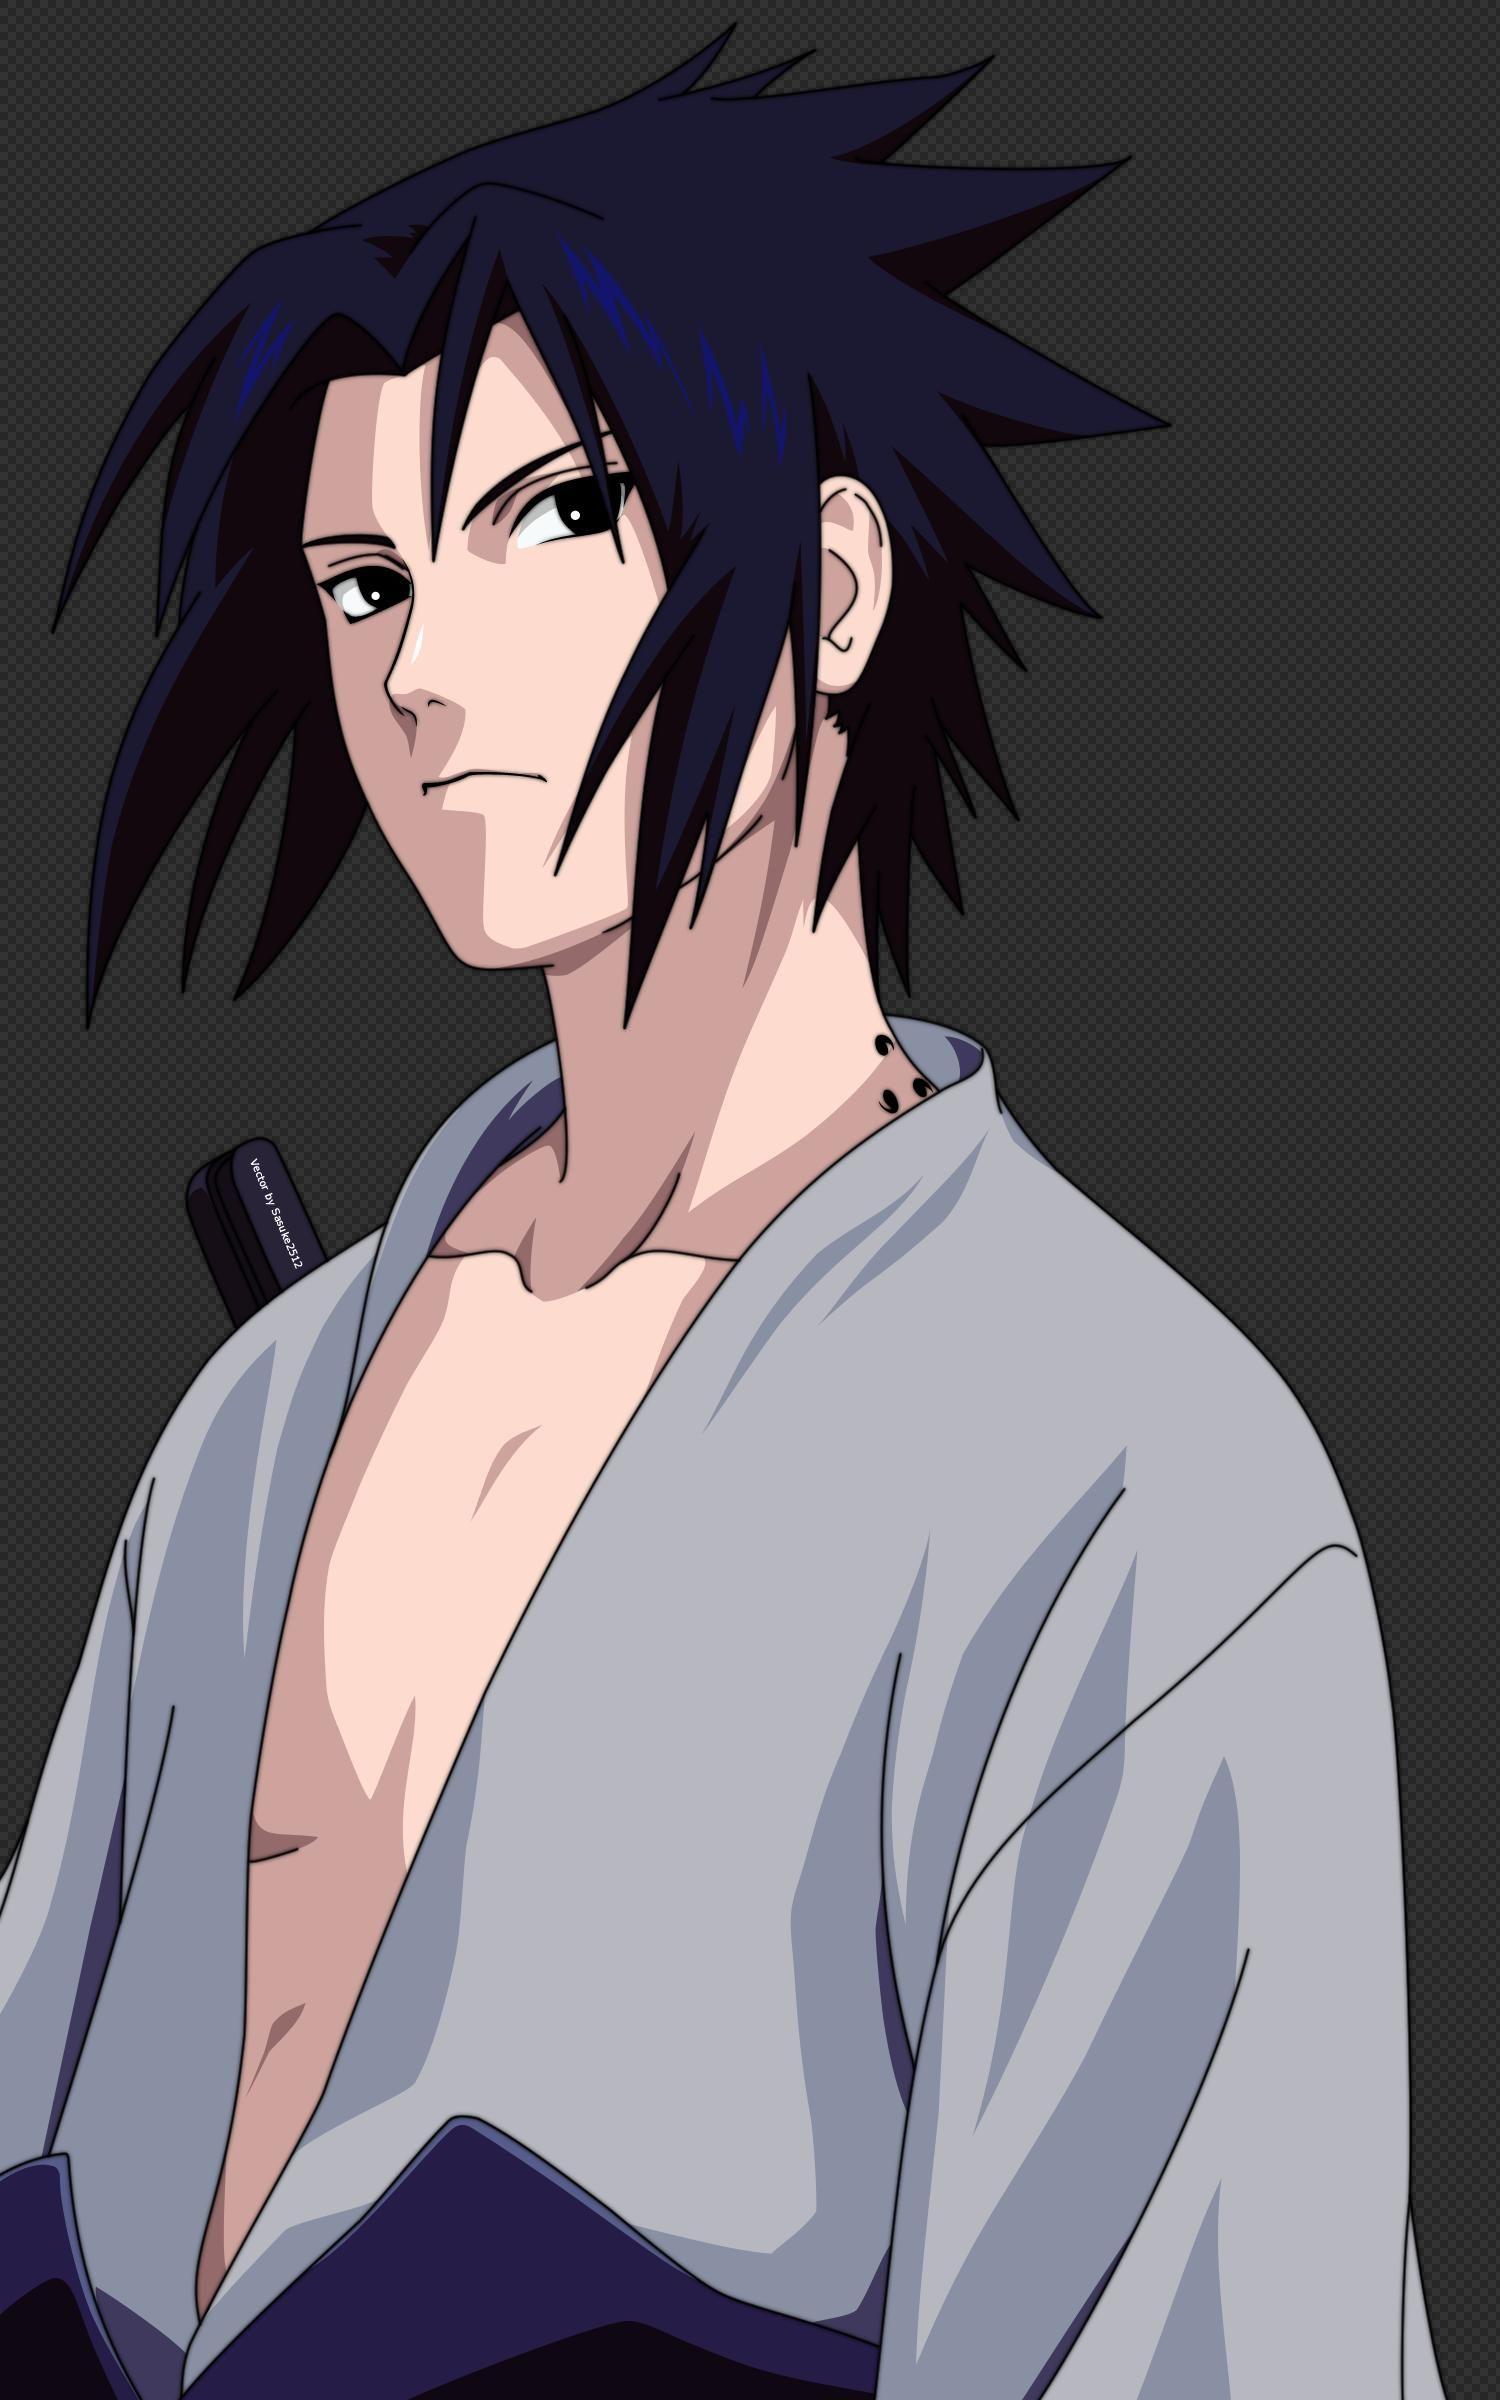 Uchiha Sasuke Anime Sasuke Shippuden Sasuke Uchiha Shippuden Sasuke Uchiha